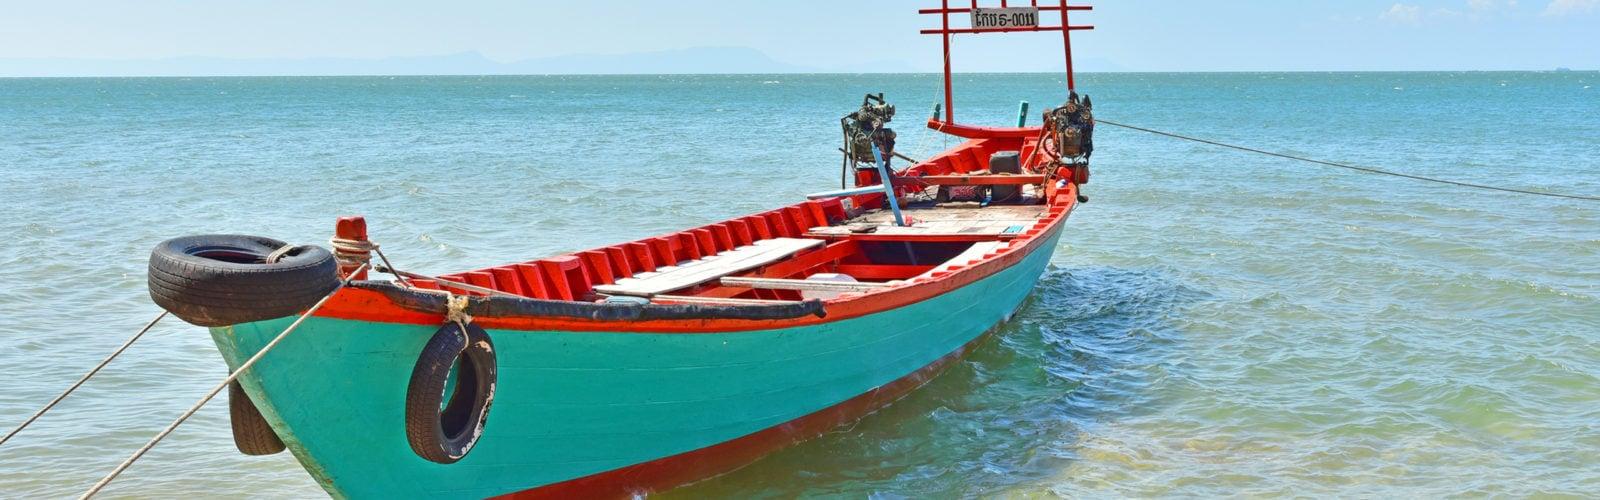 kep-cambodia-boat